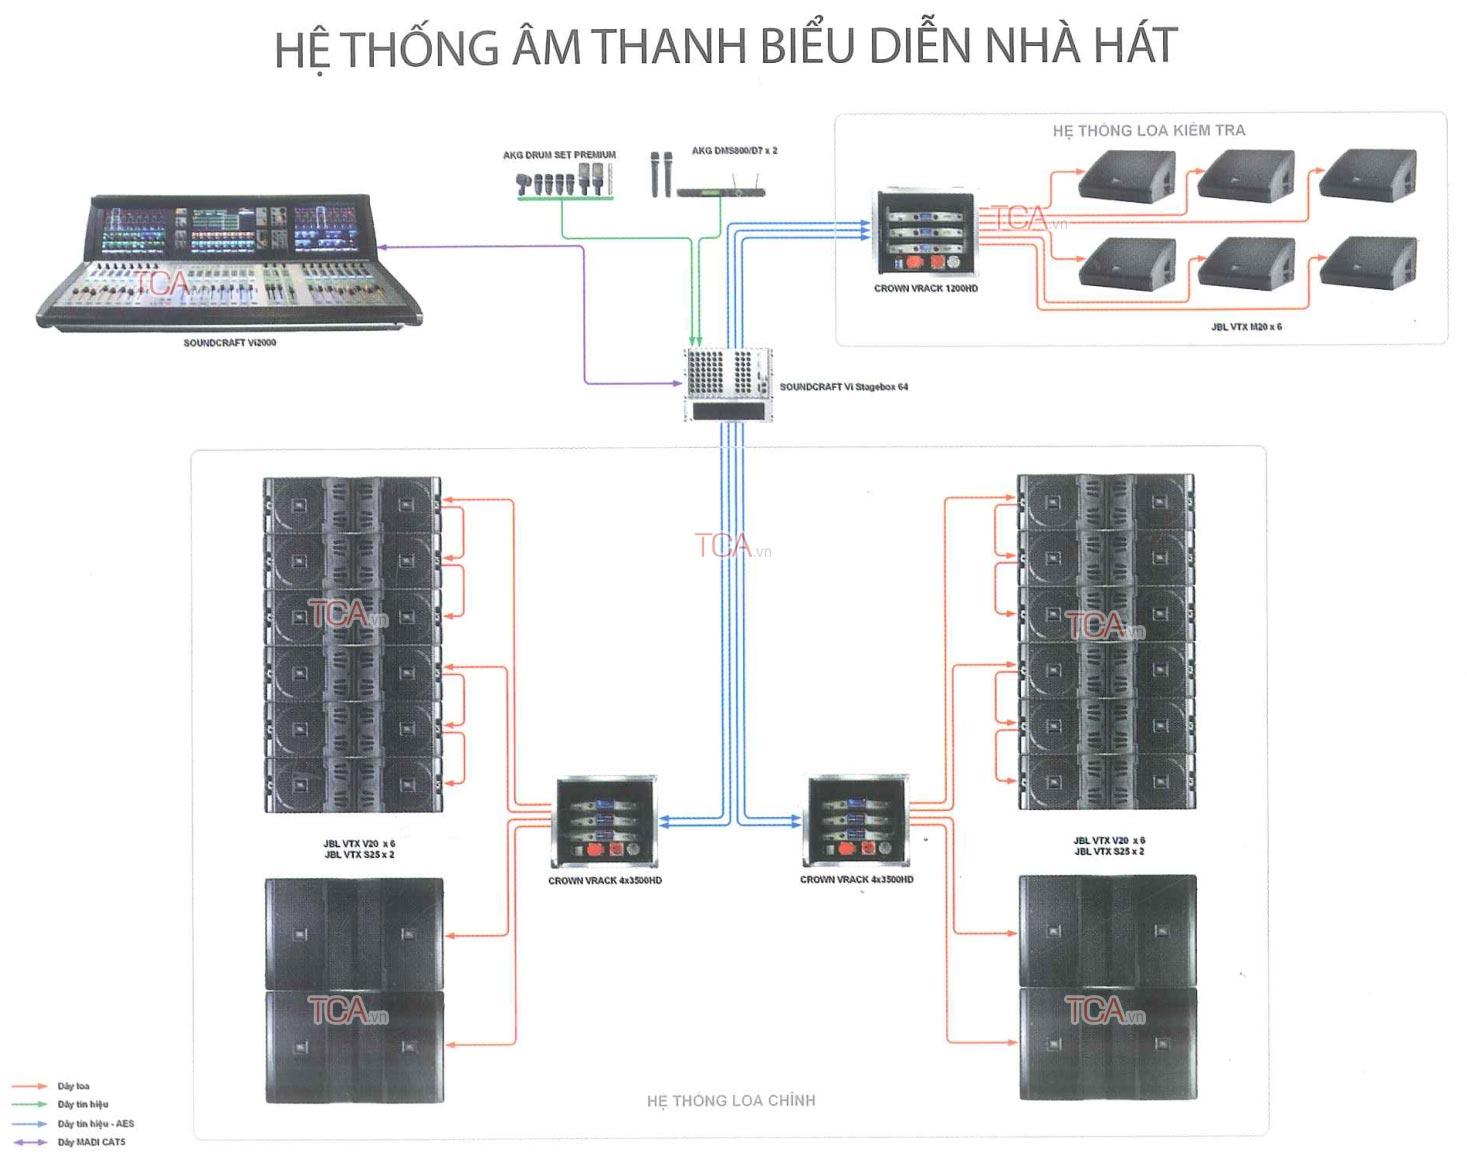 Sơ đồ thiết kế mẫu cho hệ thống âm thanh biểu diễn